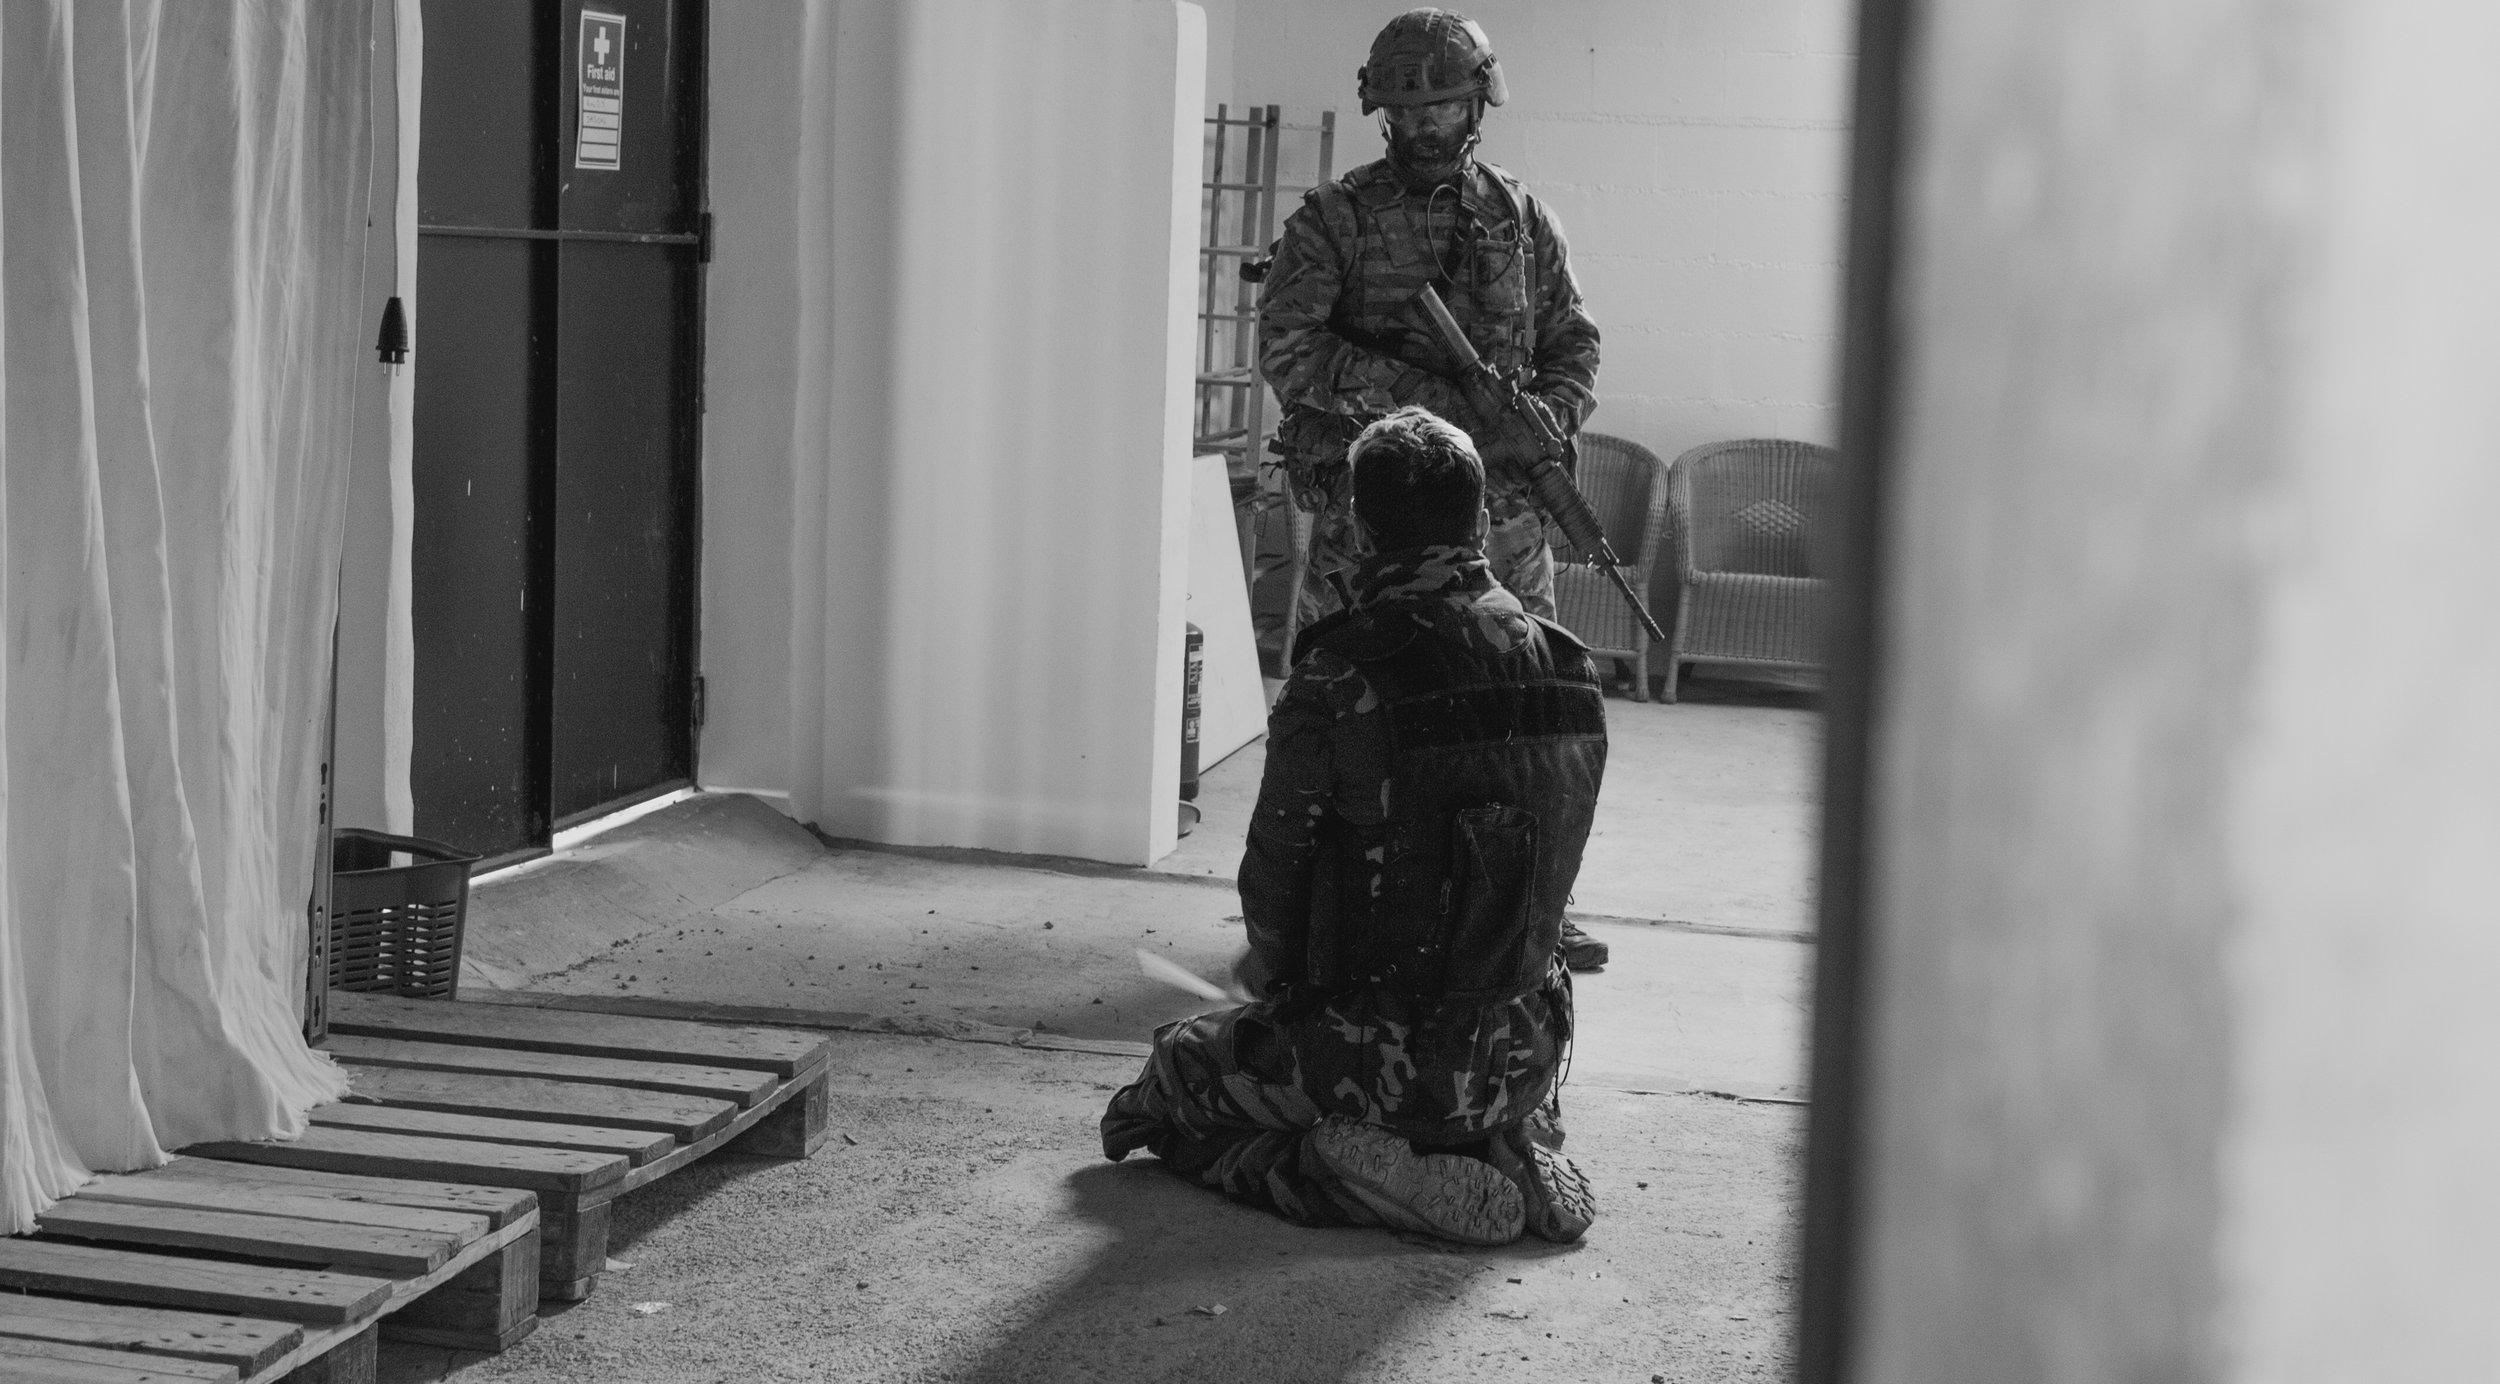 a quiet moment between prisoner and captor